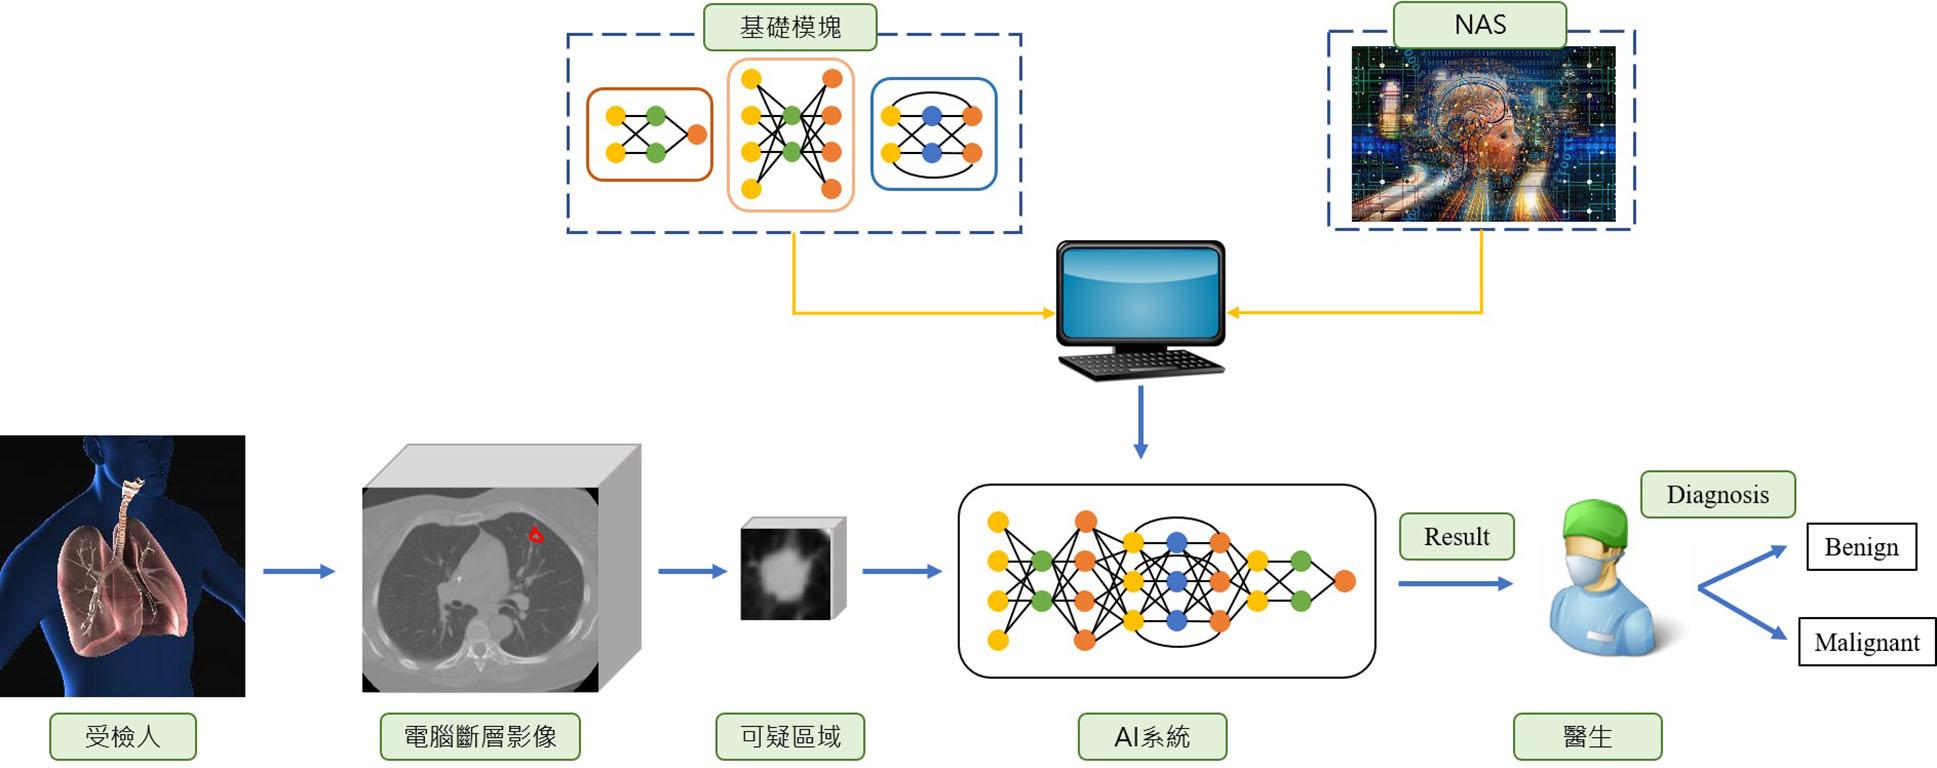 自我網路架構搜尋與注意力機制之肺部電腦斷層掃描結節輔助診斷系統